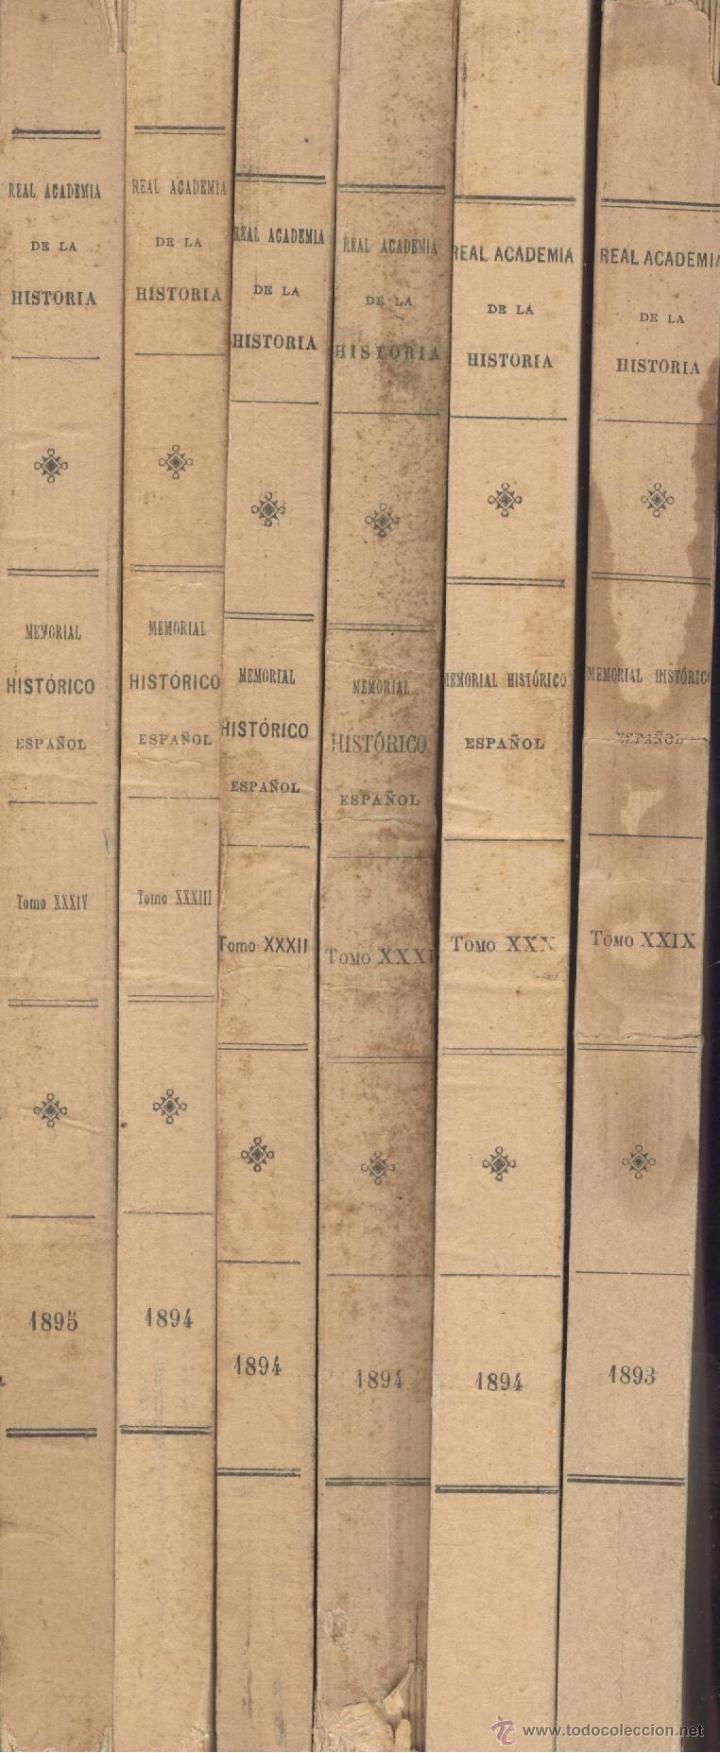 Libros antiguos: Andrés MURIEL. Historia de Carlos IV. 6 vols. (Completo). Madrid, 1893-1895. S5 - Foto 3 - 40794347